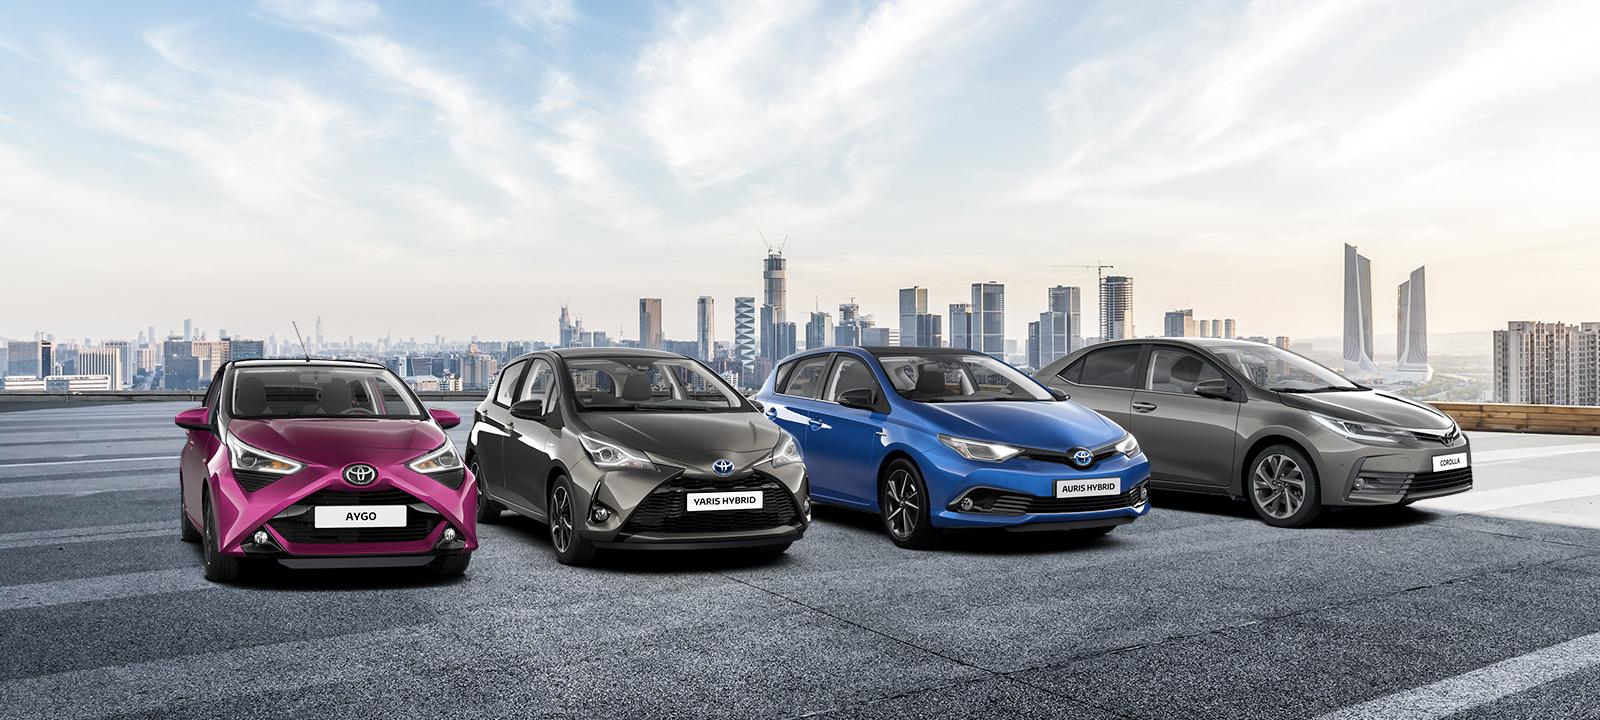 Niewiarygodnie Toyota Radość - Nowe samochody do 40, 50, 60 i 70 tys. zł | Toyota UD71